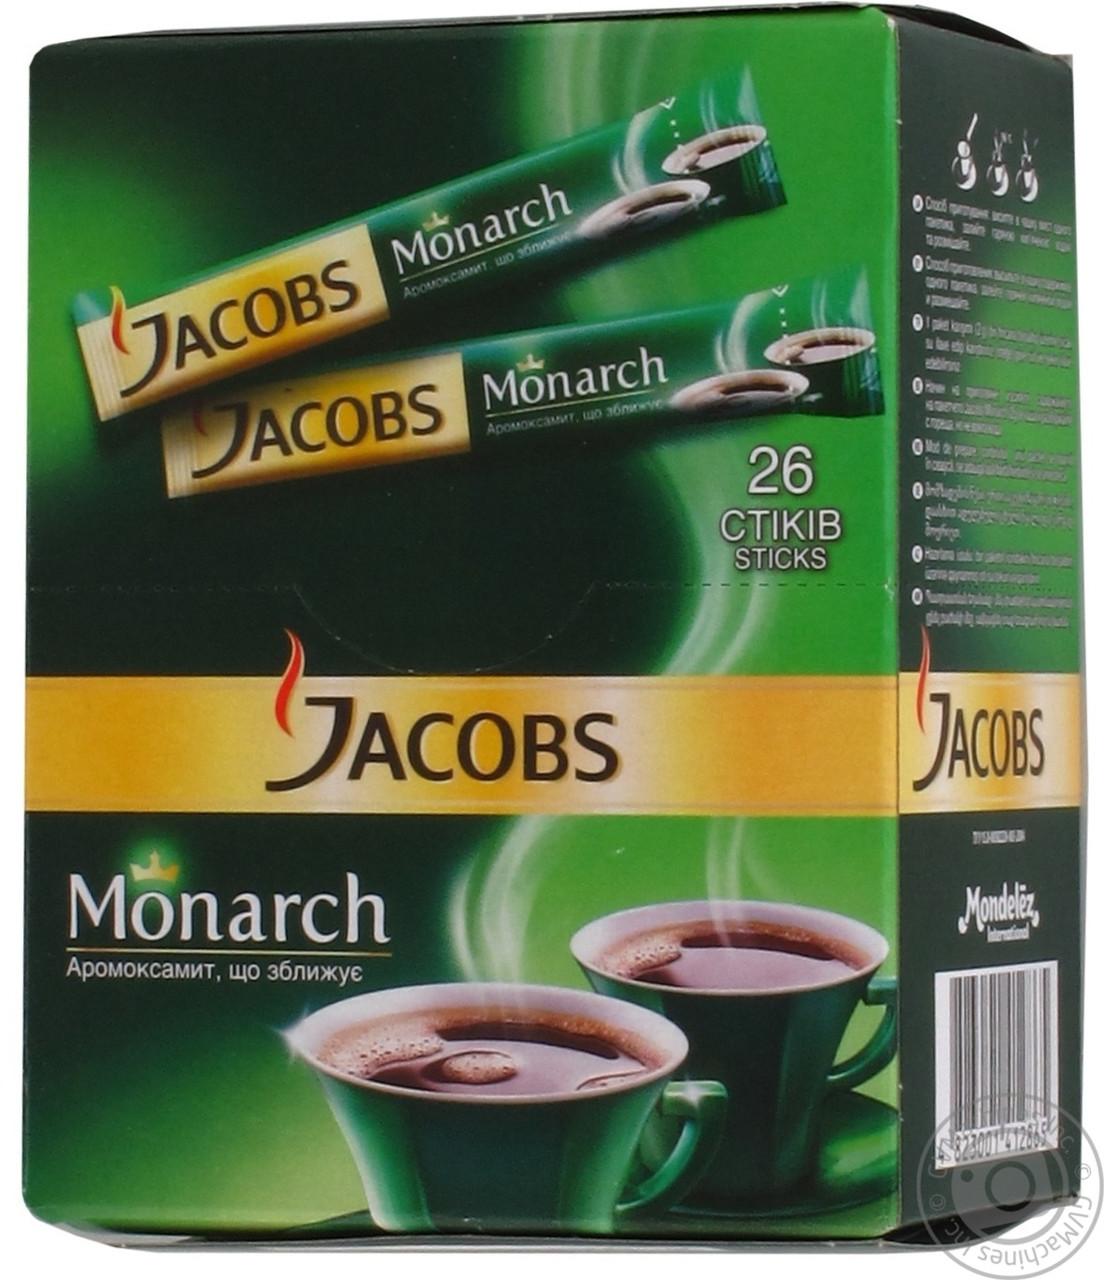 Кофе Jacobs Monarch стик 26 шт.